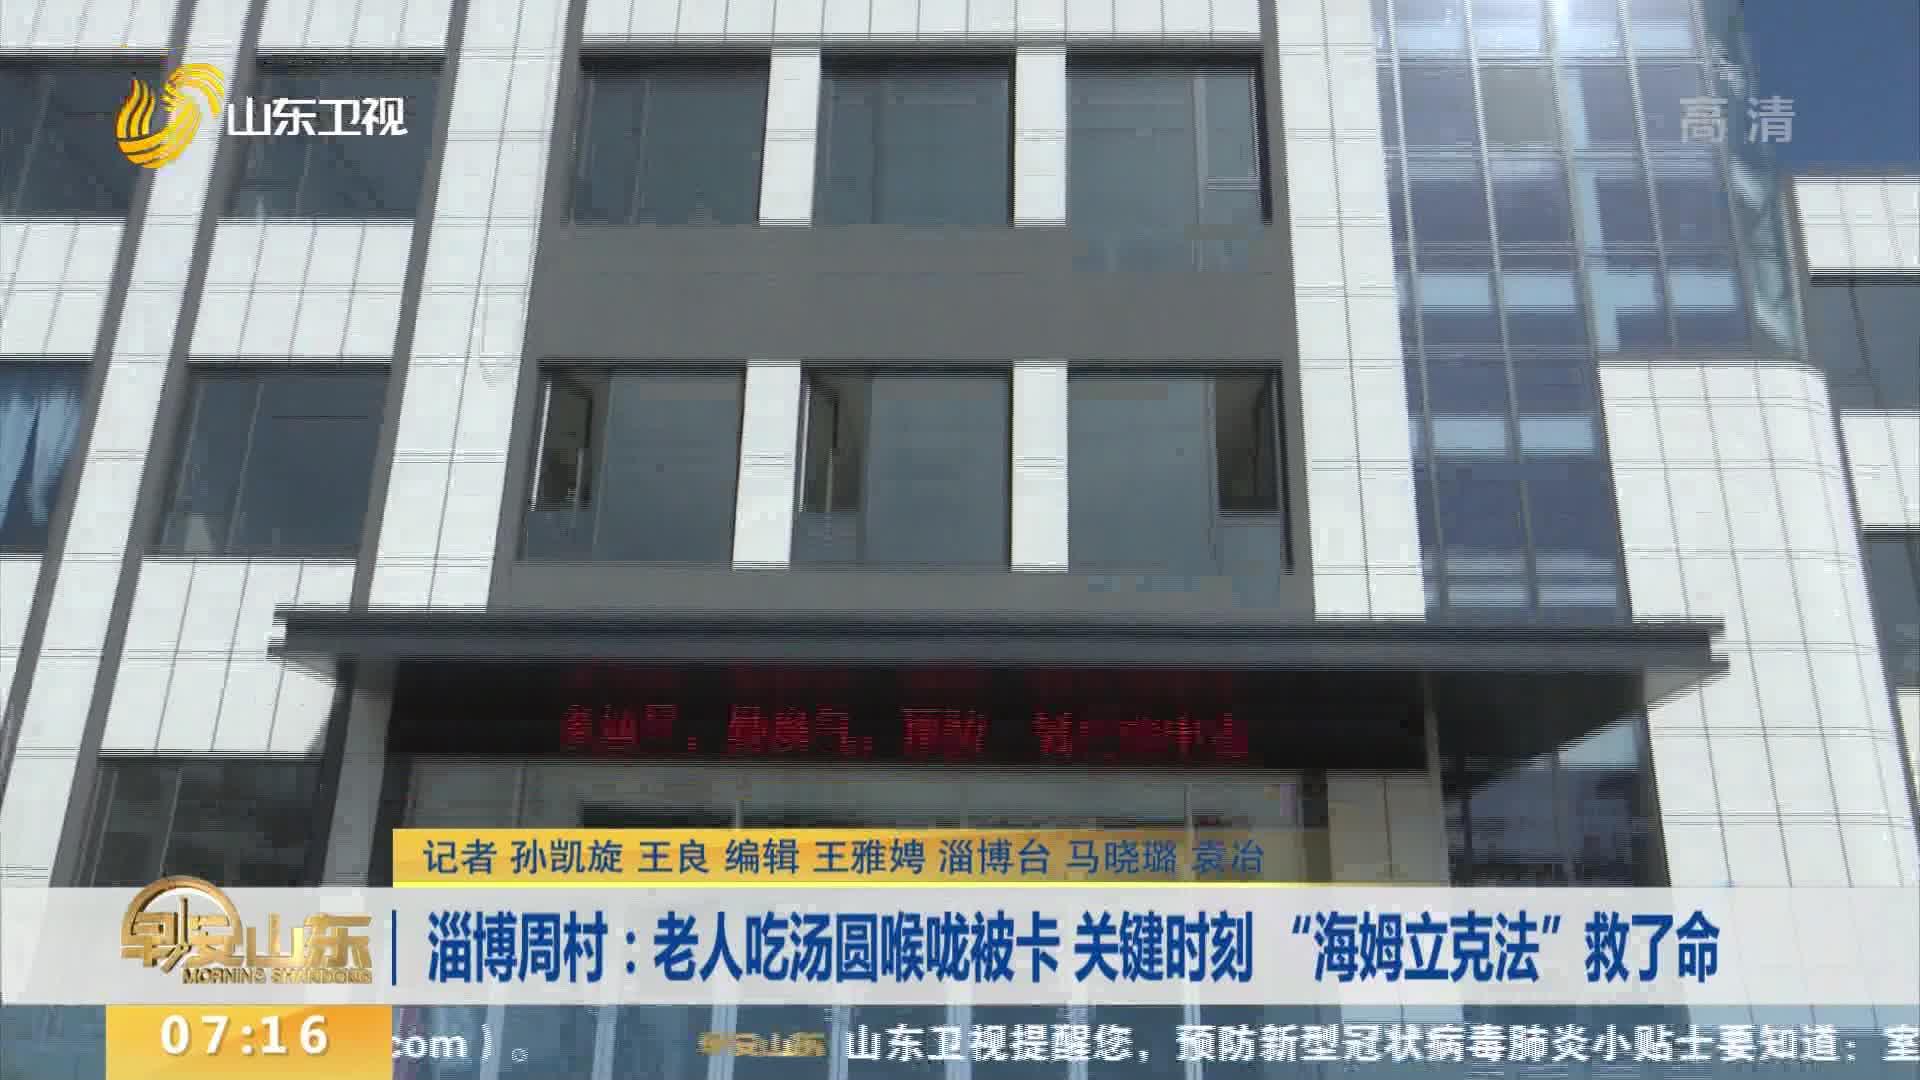 """淄博周村:老人吃汤圆喉咙被卡 关键时刻 """"海姆立克法""""救了命"""